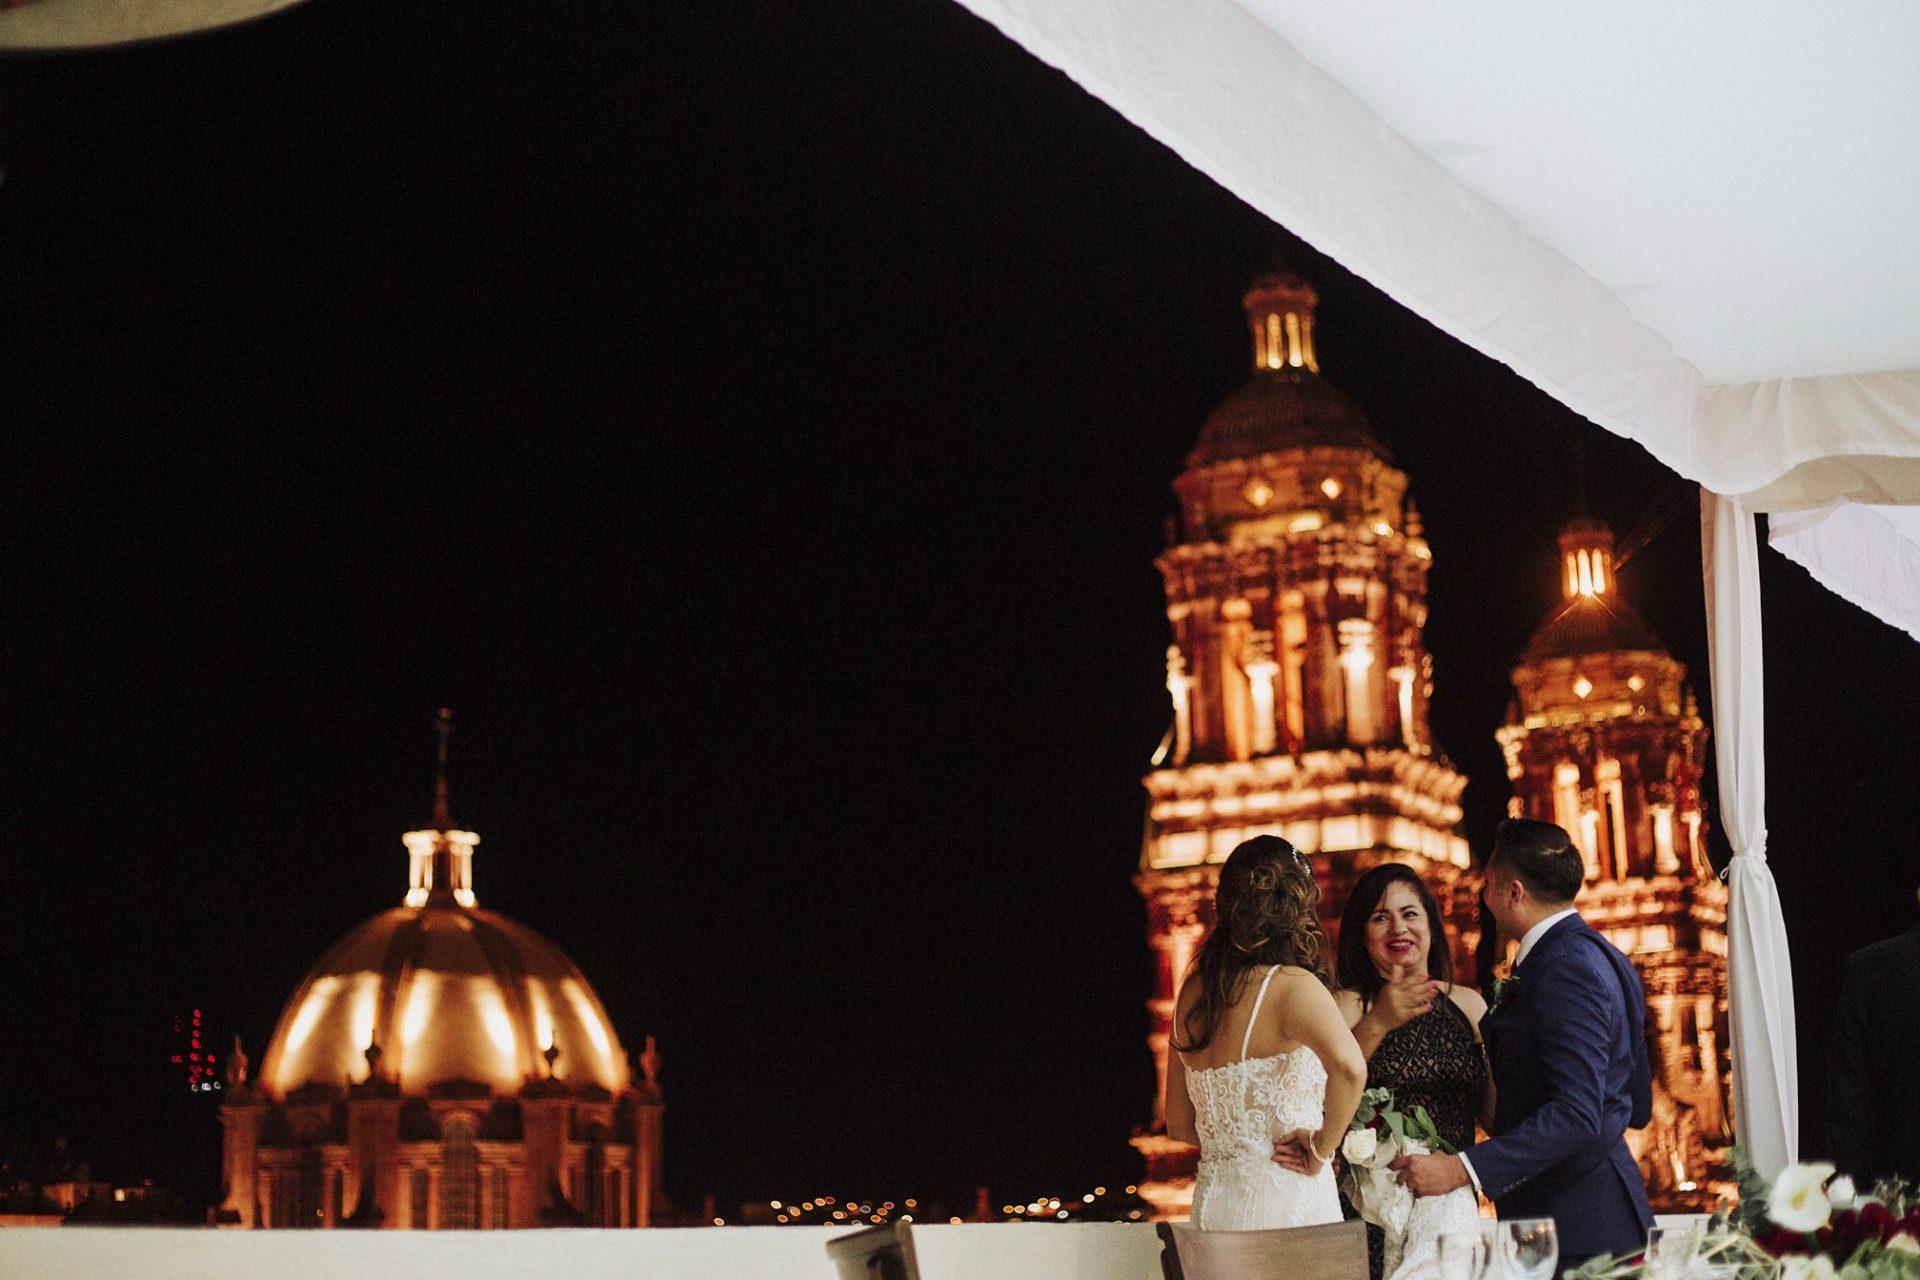 fotografo_profesional_bodas_zacatecas_mexico-63